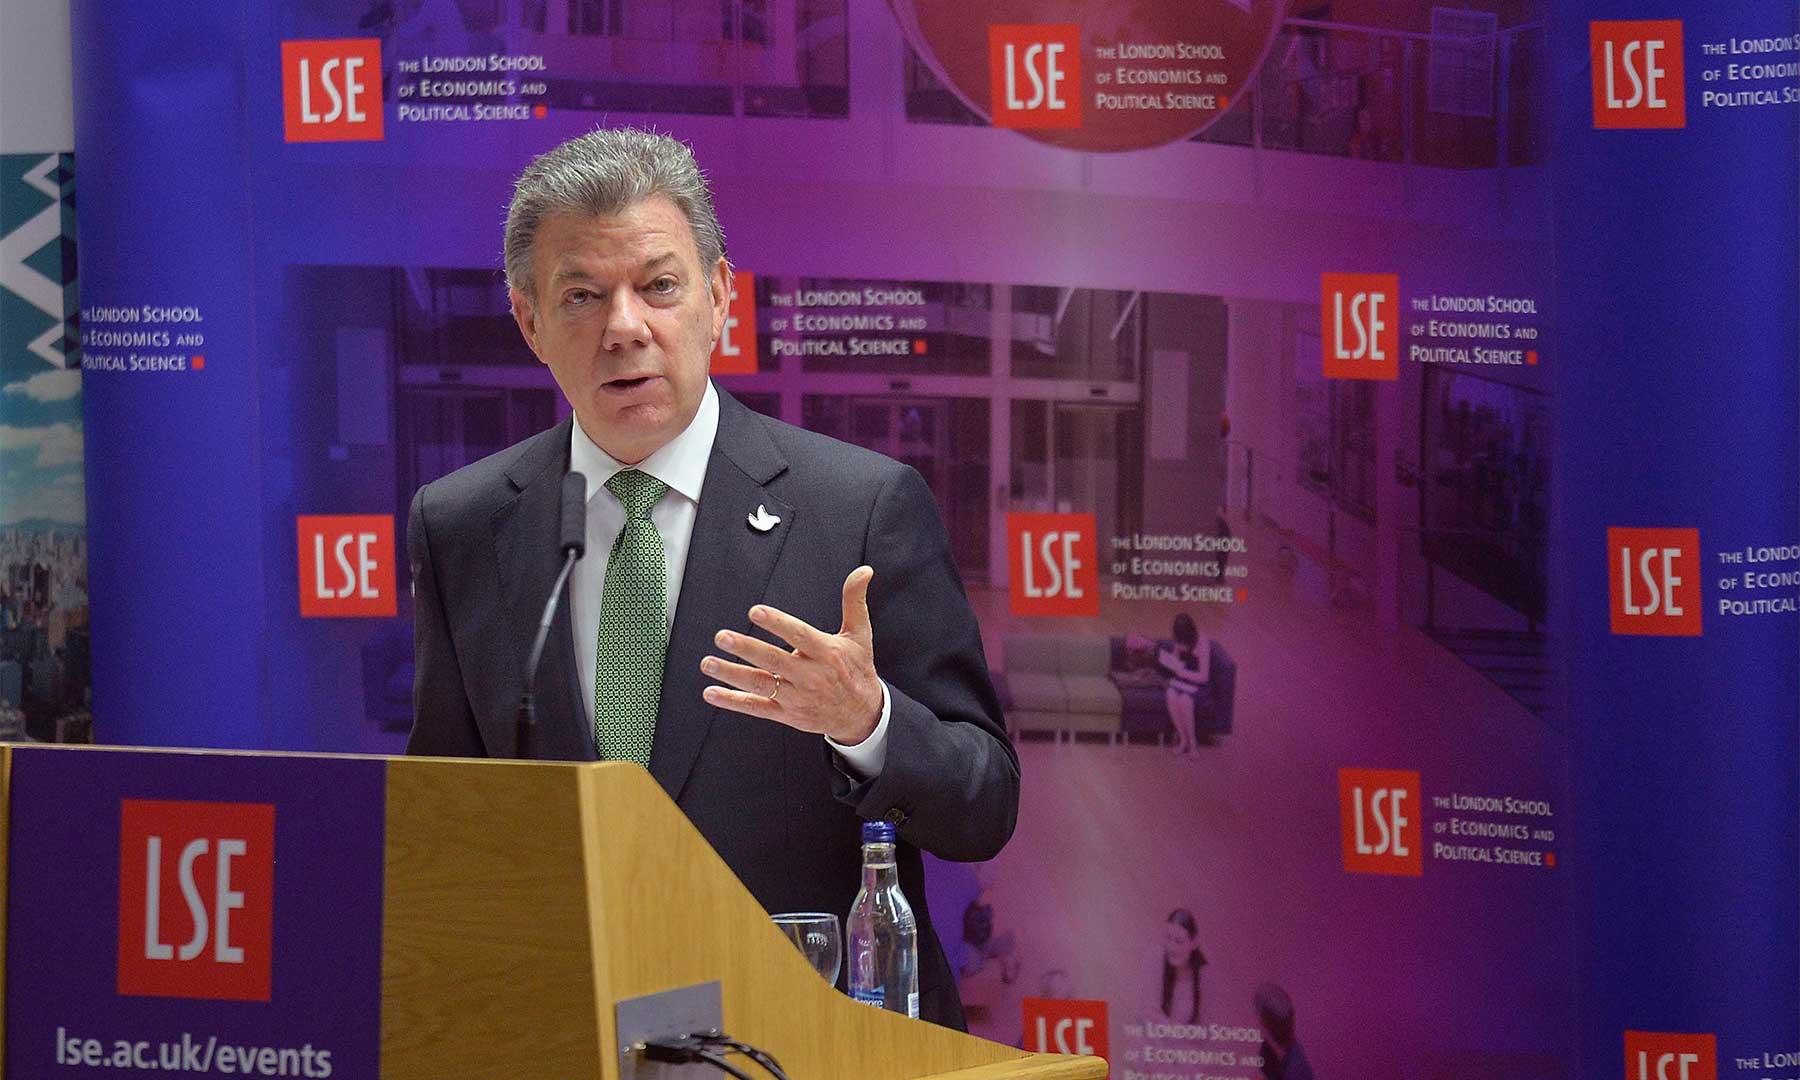 """""""Quiero una Colombia unida para firmar un nuevo y mejor acuerdo de paz con las Farc"""", dijo el Presidente Santos durante su intervención en la  London School Economics."""